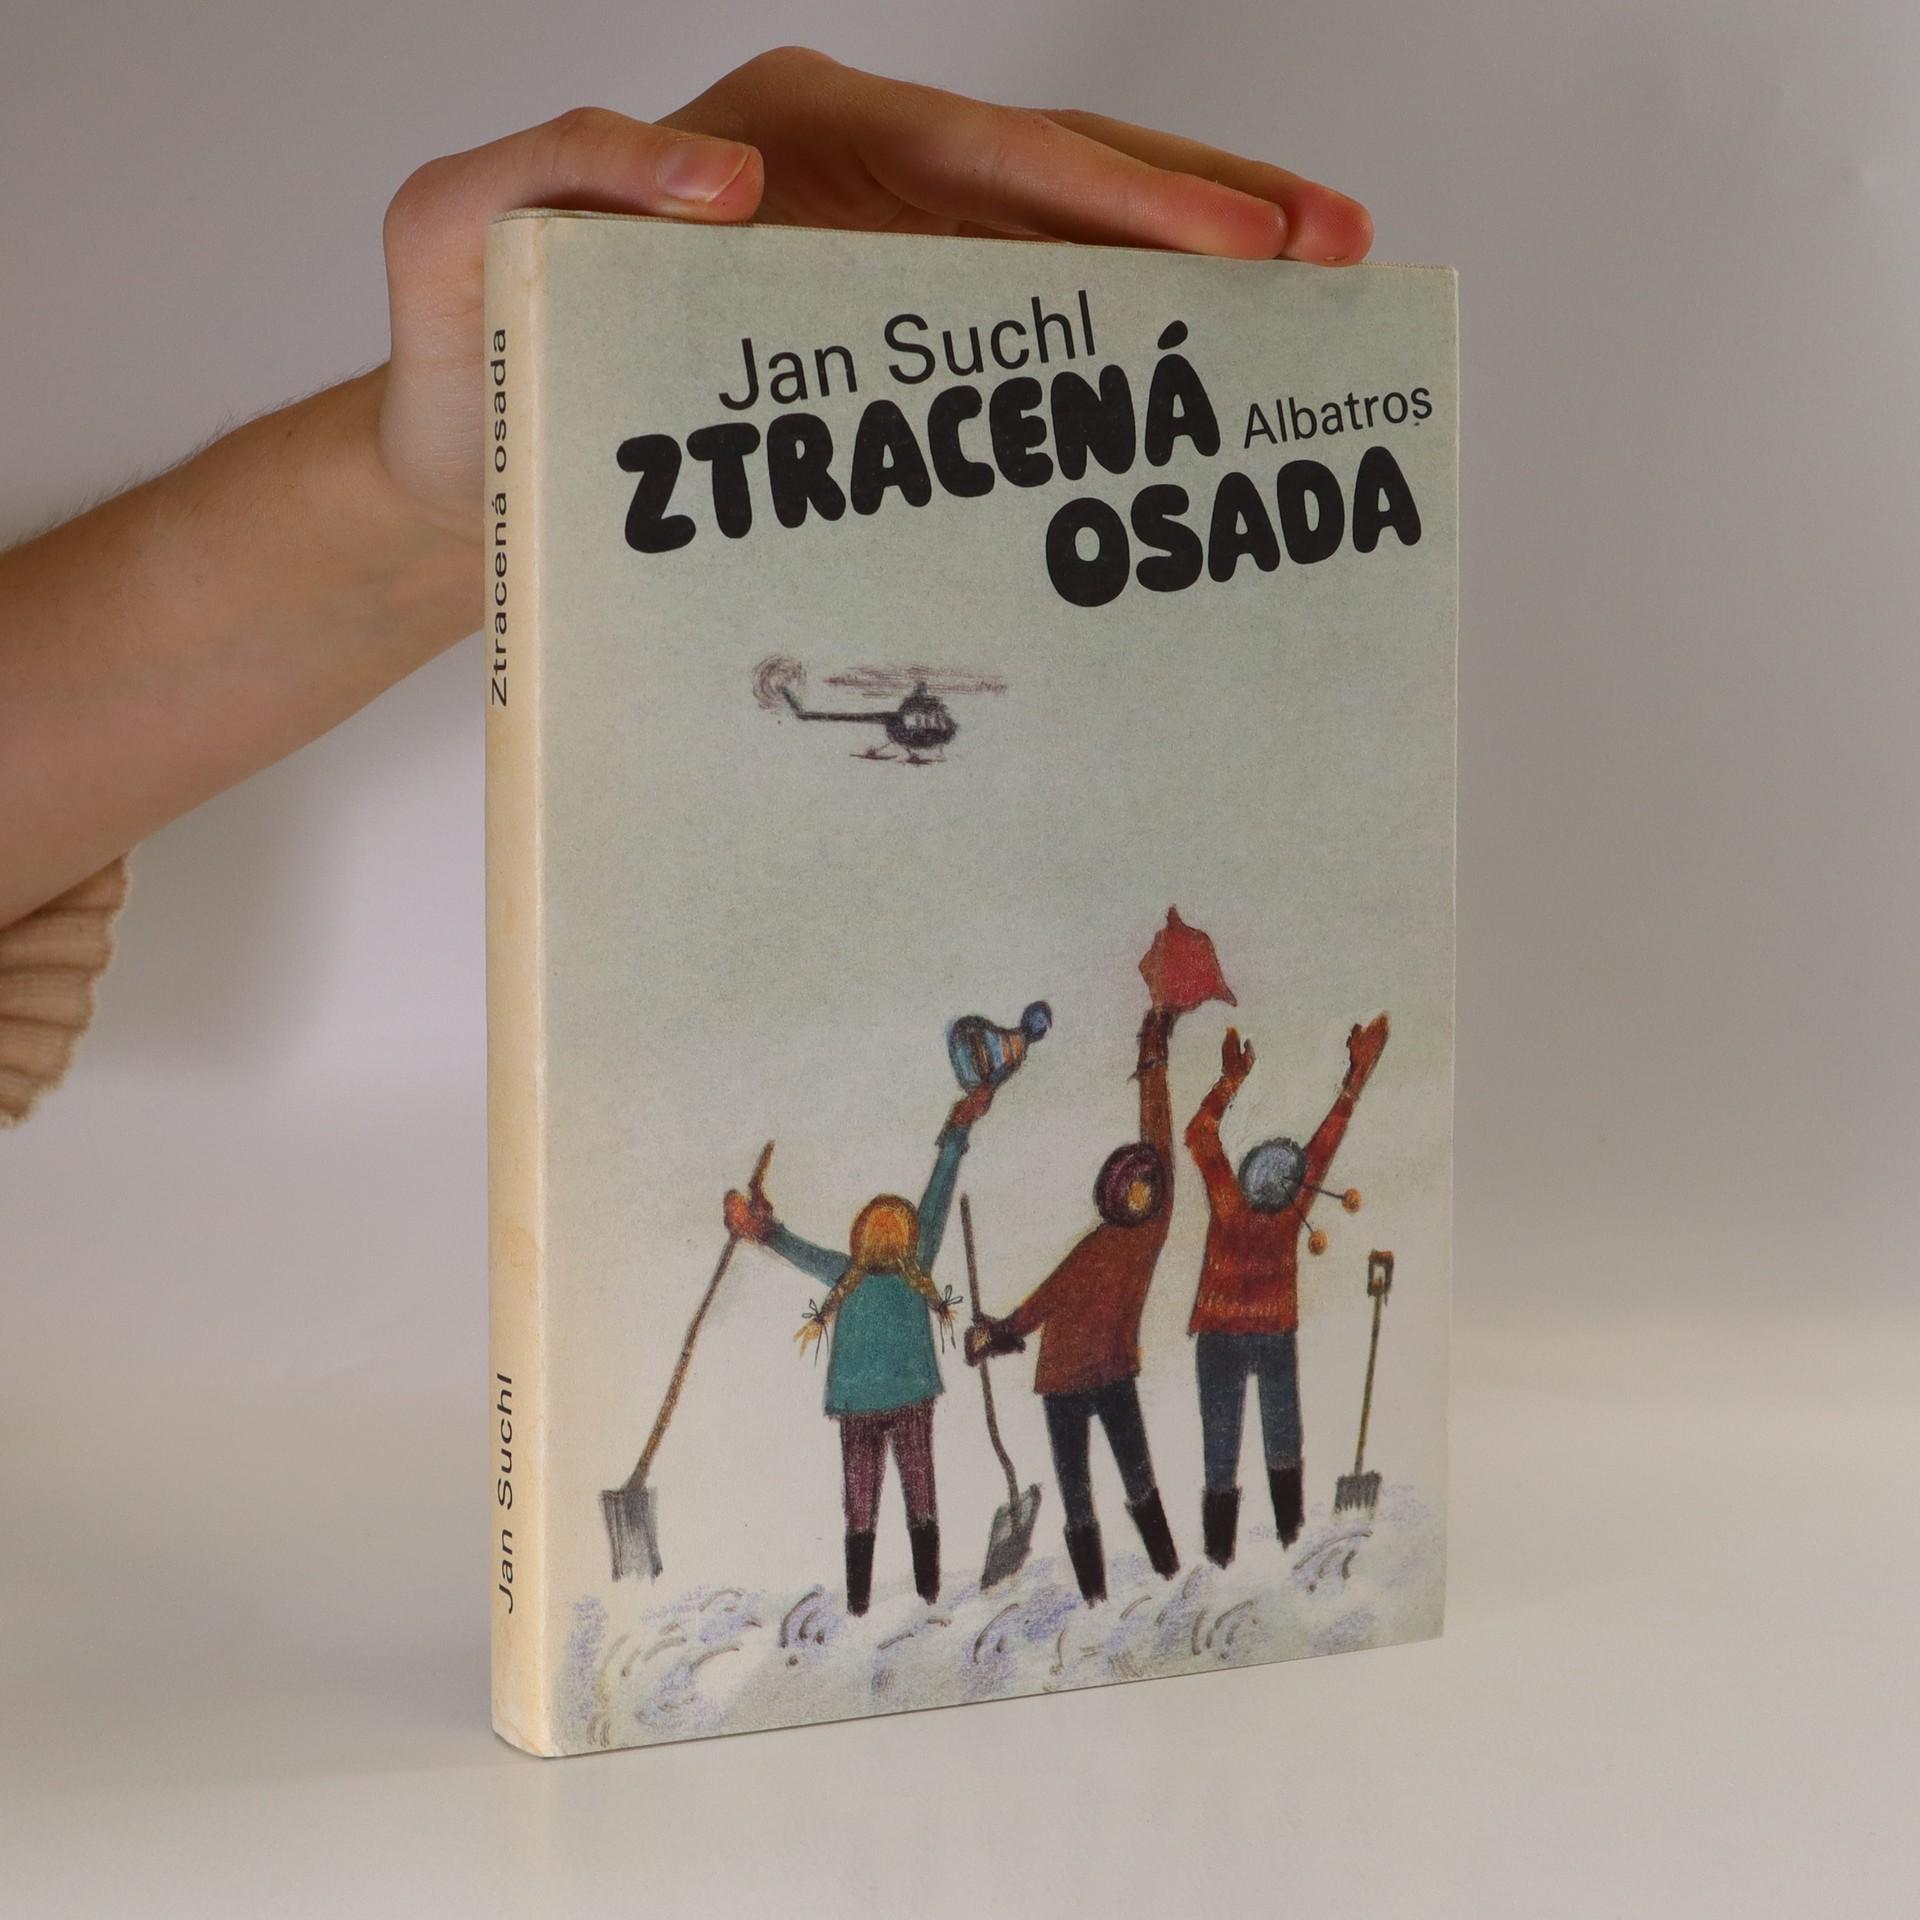 antikvární kniha Ztracená osada, 1988